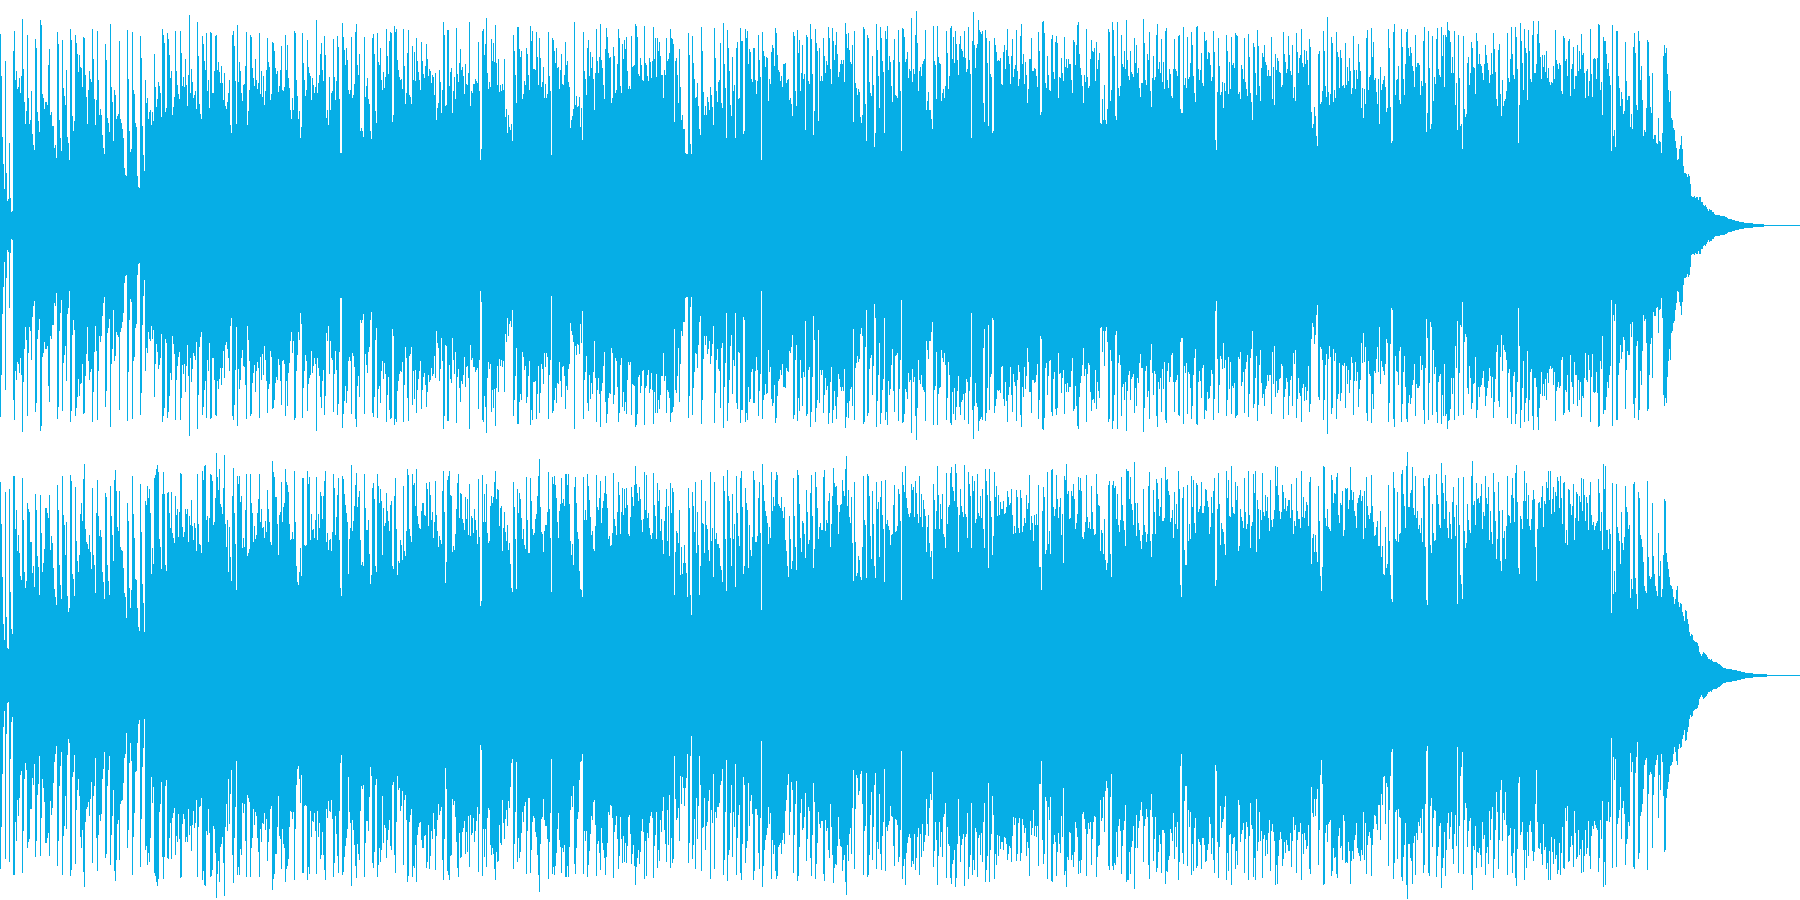 散歩道を歩くポップで爽やかなオカリナ曲の再生済みの波形